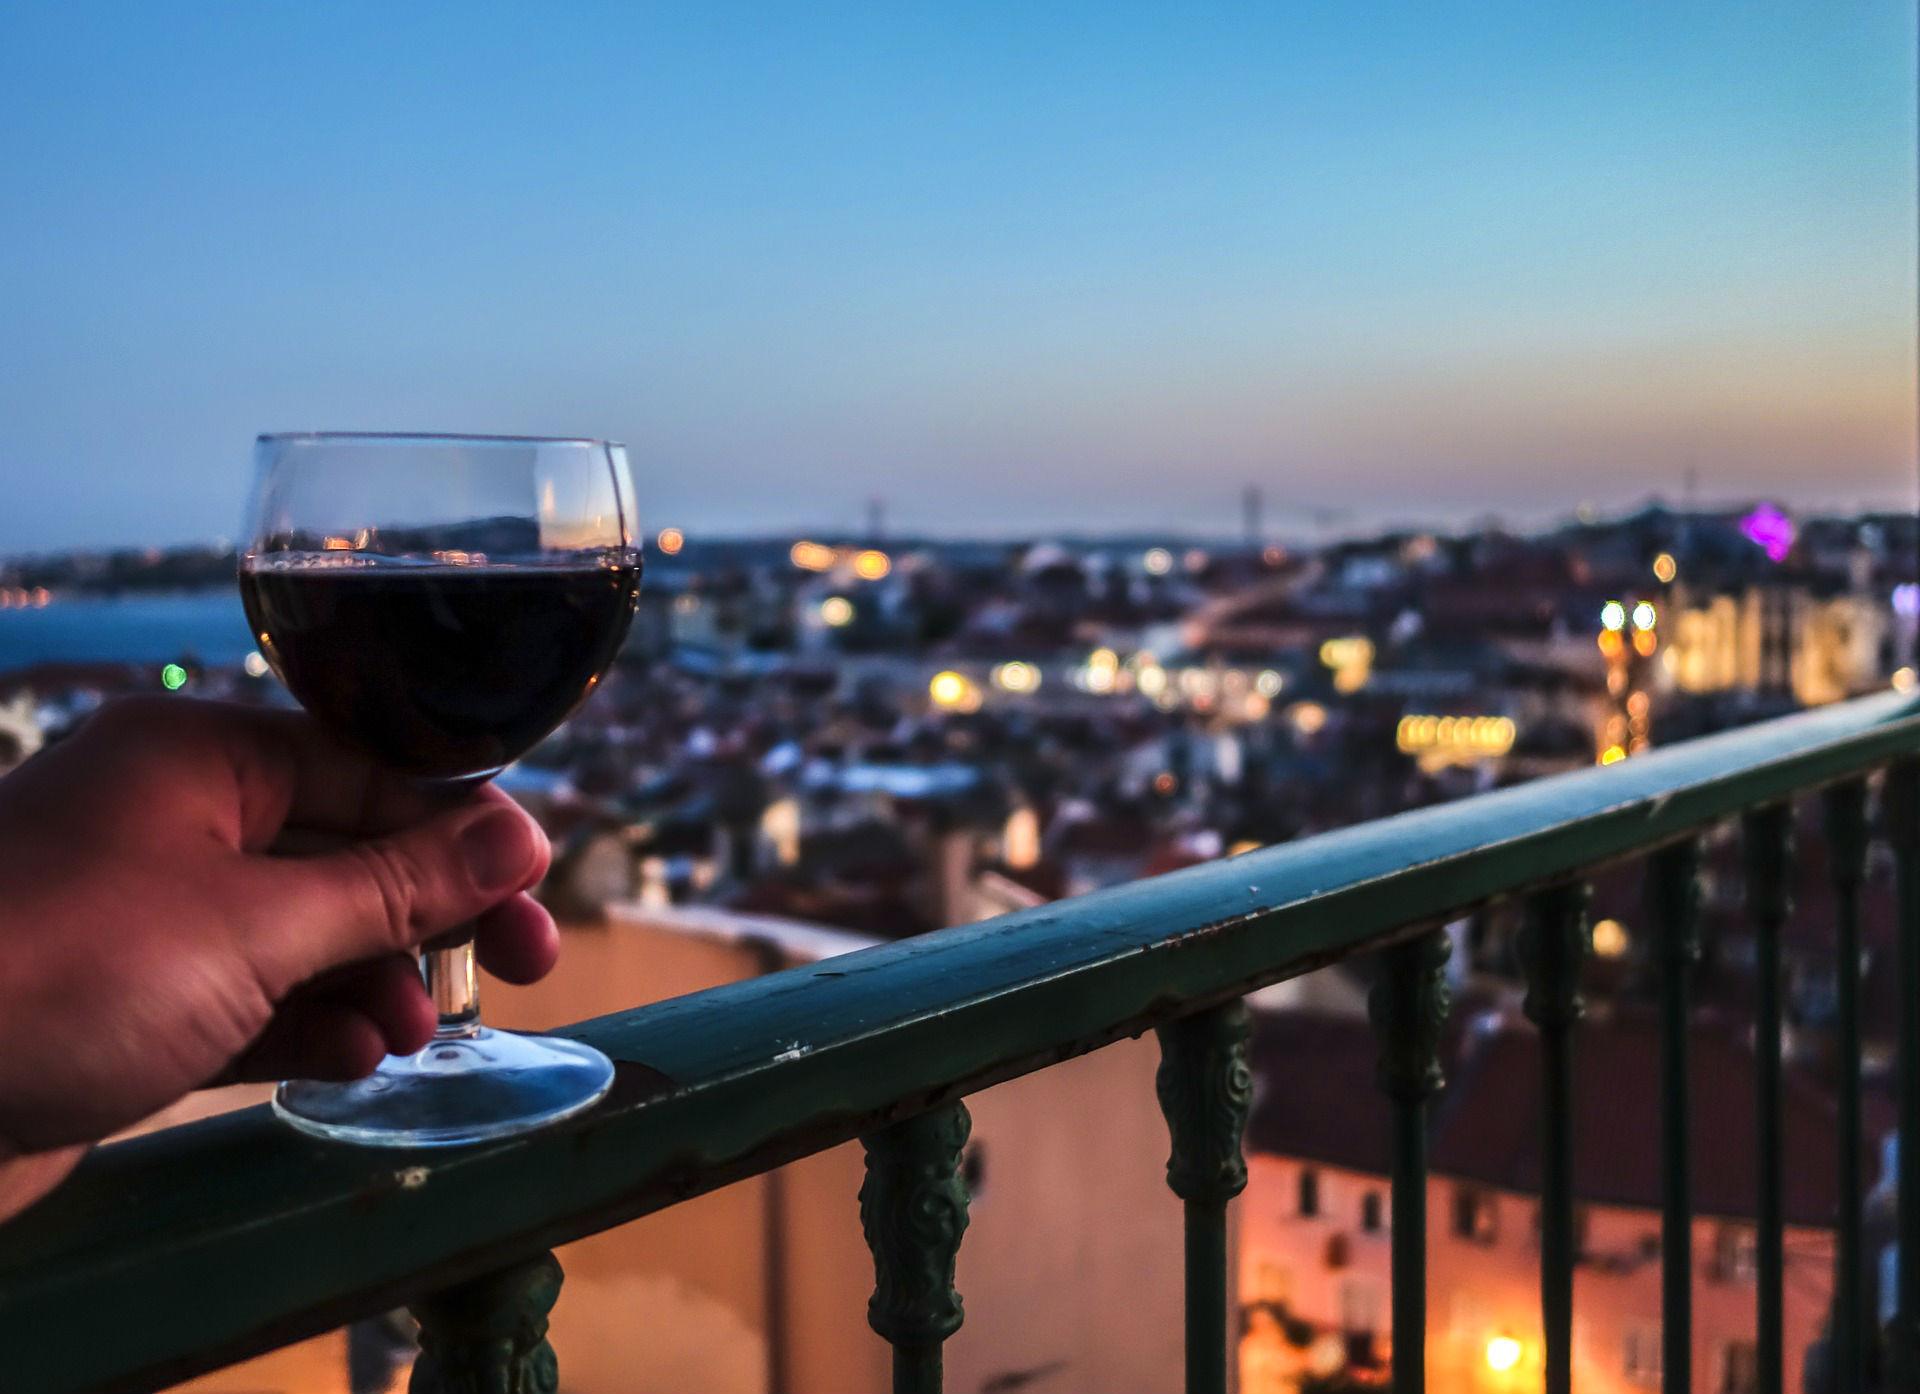 Lissabon hält viele Bars und Kneipen bereit